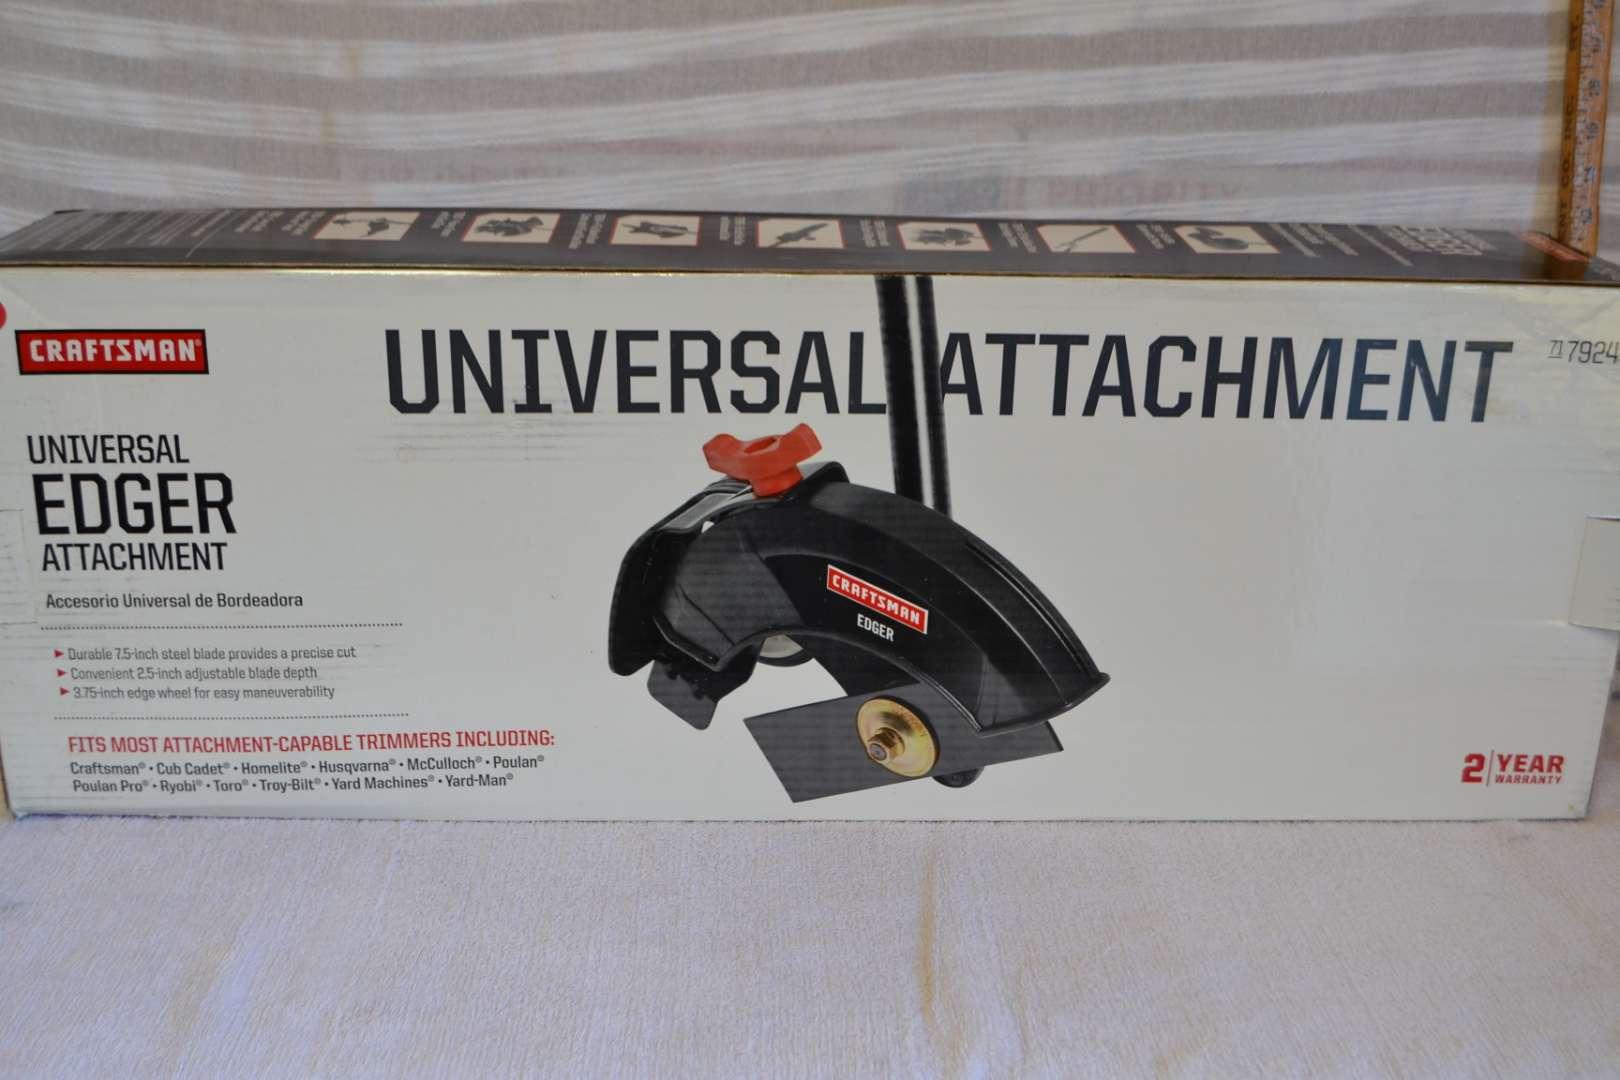 Lot # 165 CRAFSTMAN UNIVERSAL EDGER ATTACHMENT